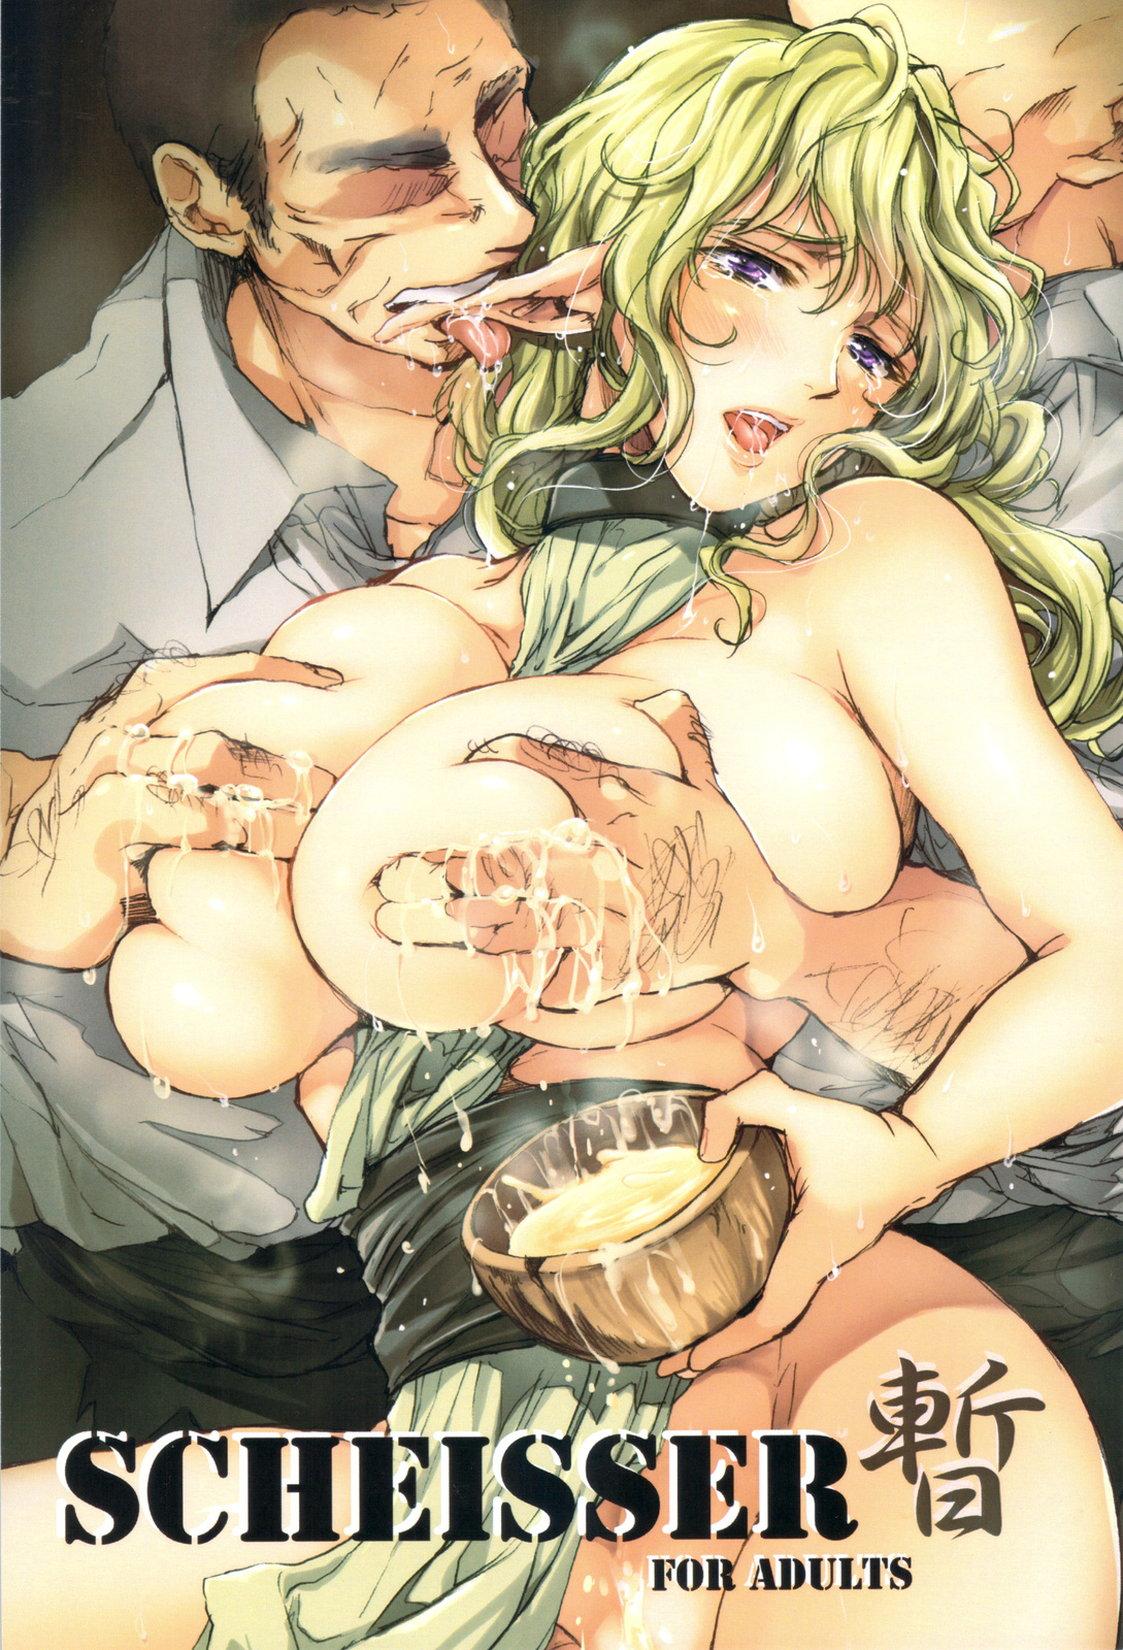 【エロ漫画】巨乳のエルフがエロ過ぎたから犯しまくって人間チンポの味を覚えさせてやったw【無料 エロ同人誌】